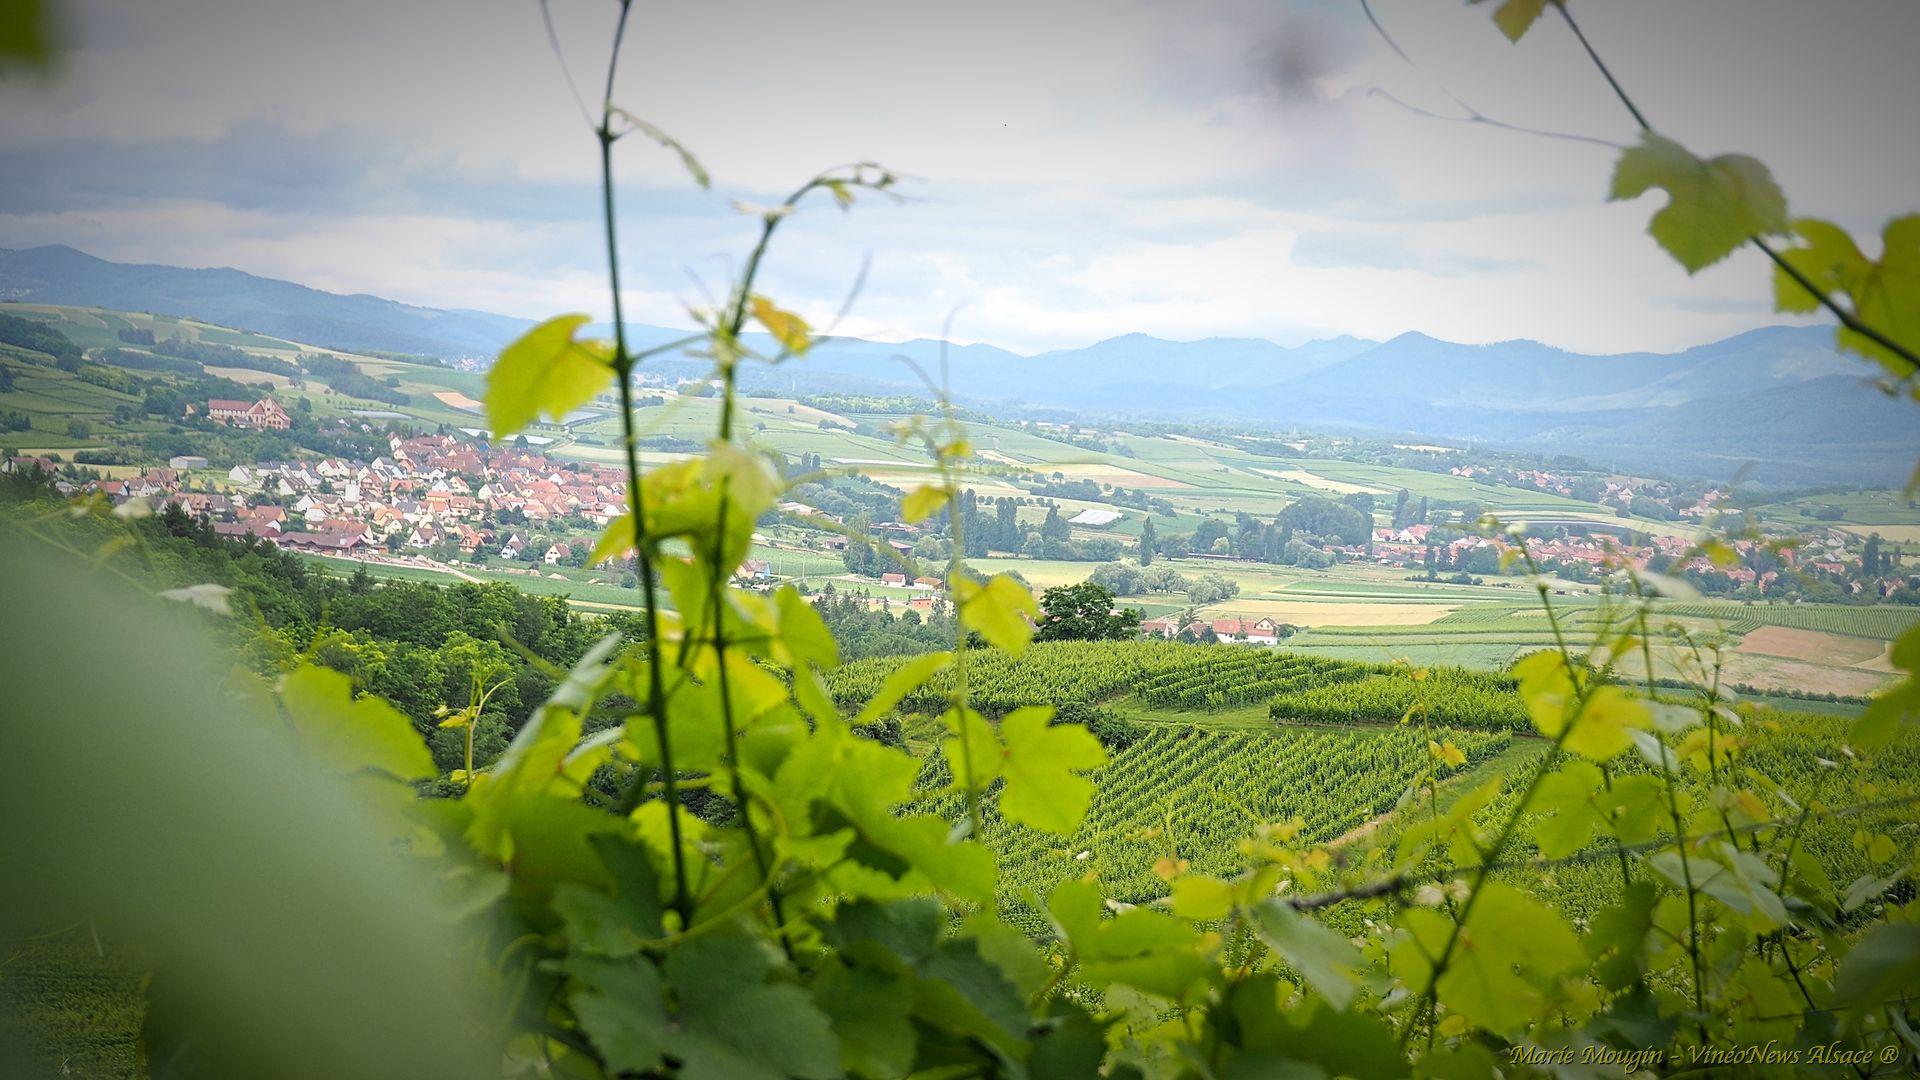 Millésimes Alsace, Duo nordique